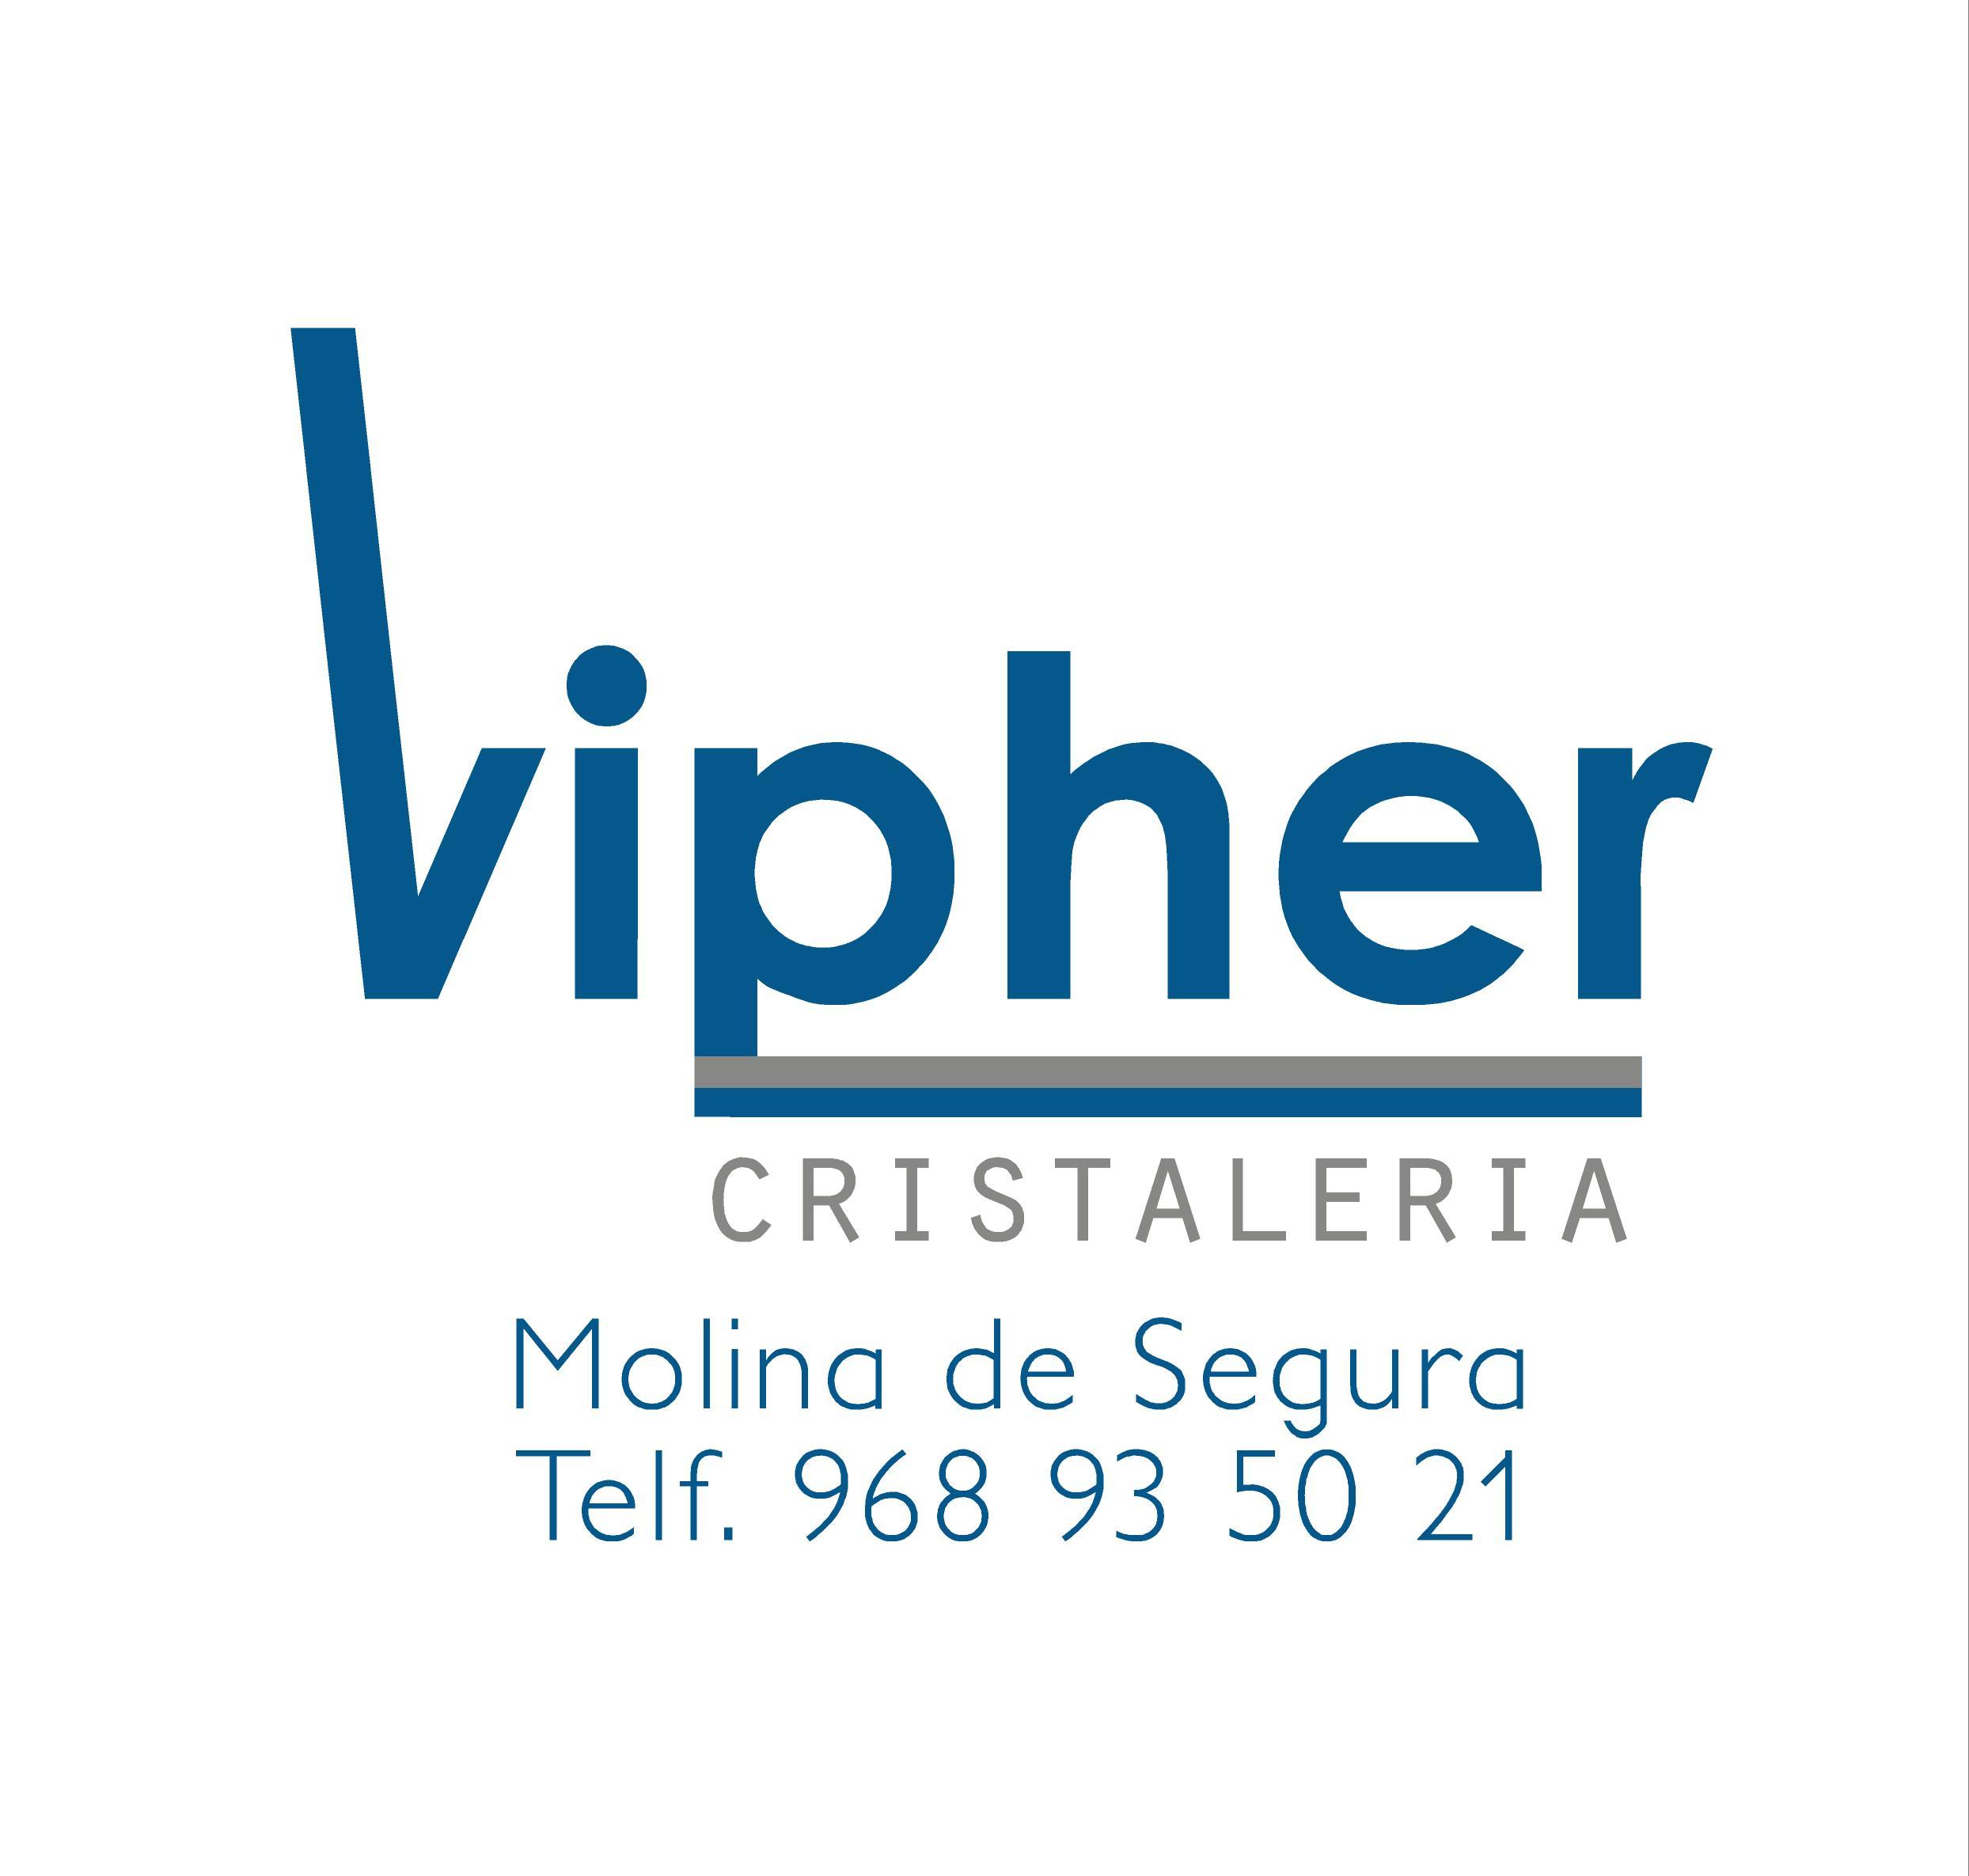 CRISTALERIA VIPHER